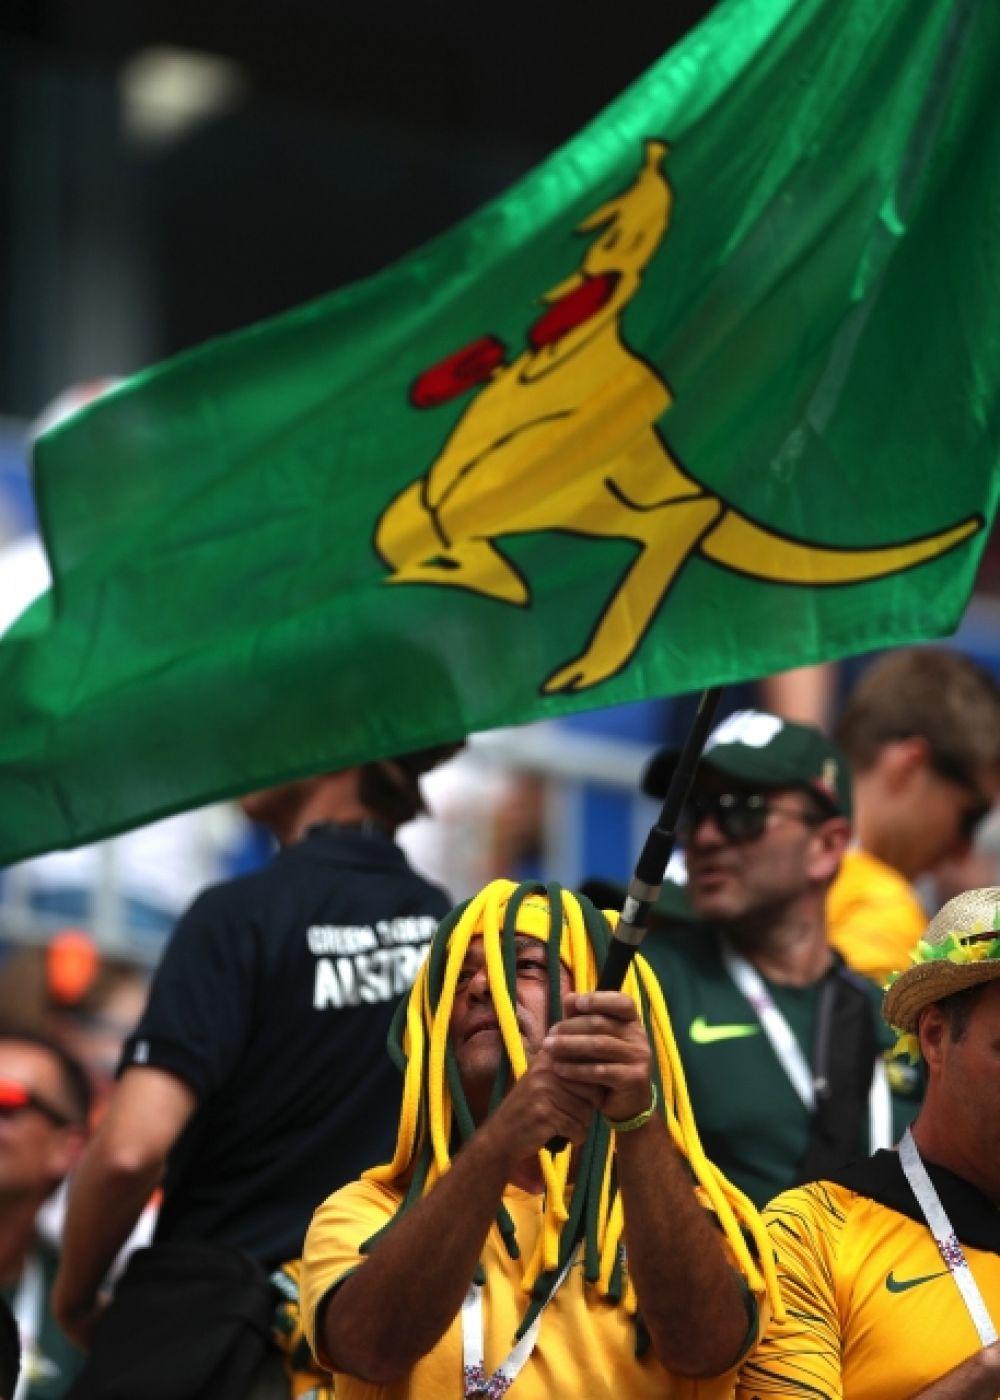 Болельщик из Австралии с флагом, на котором изображен кенгуру.